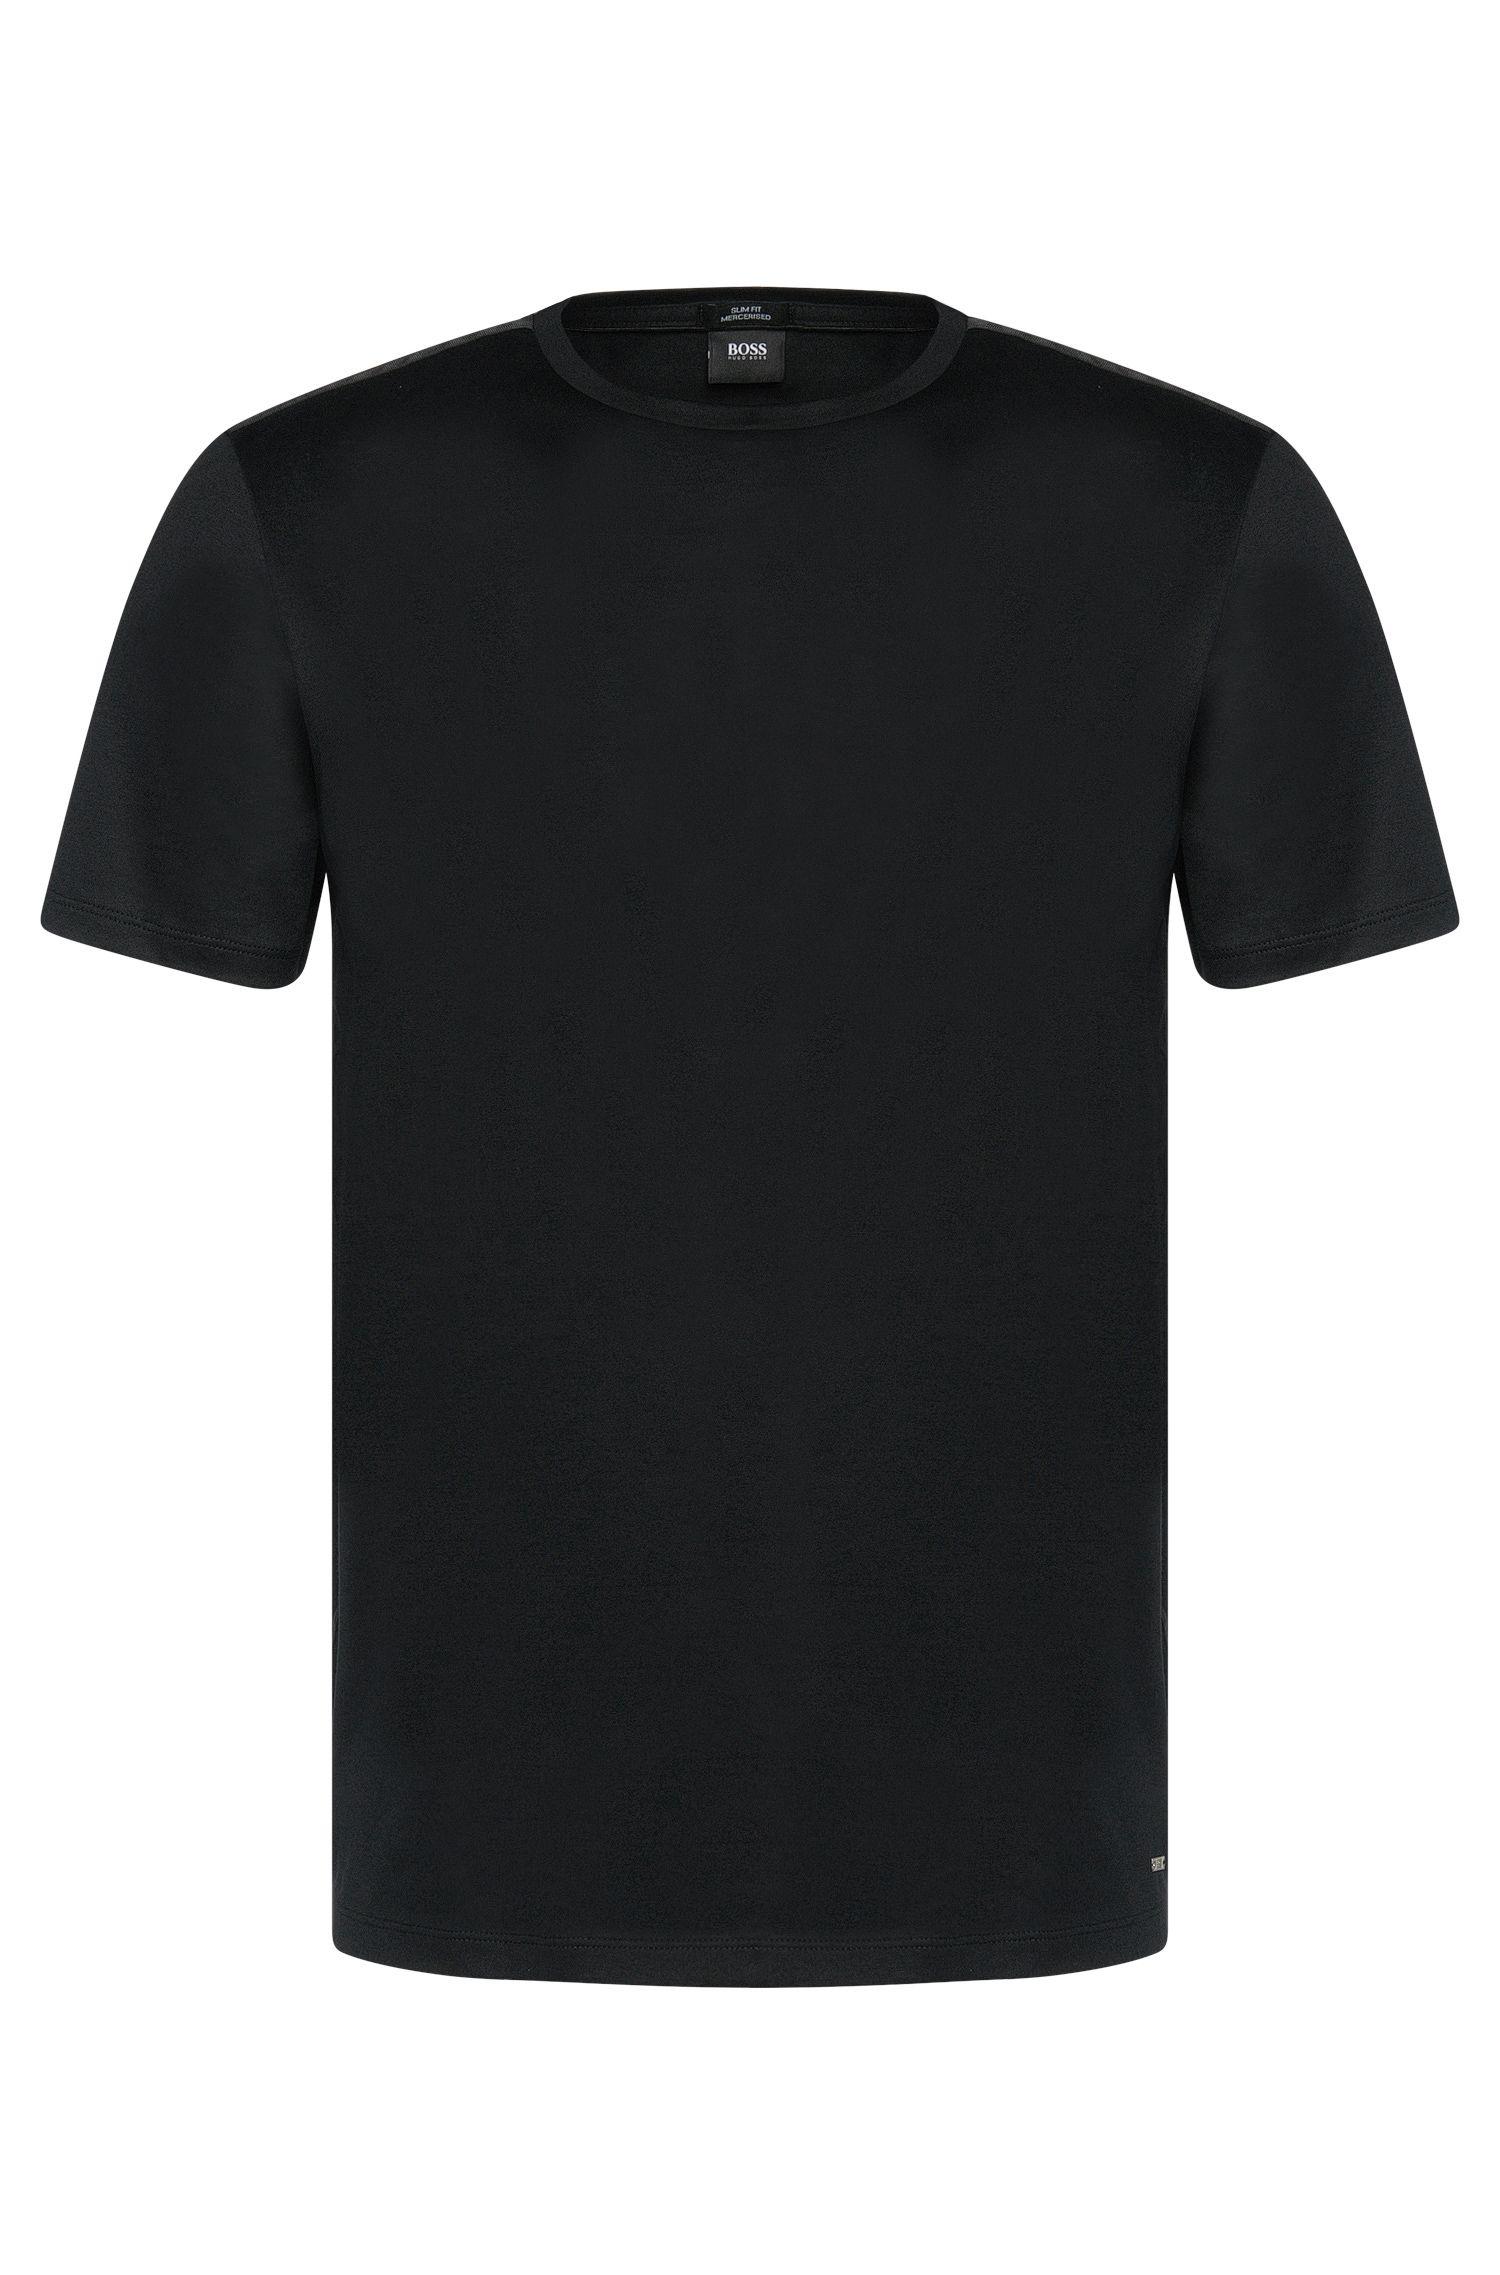 Mercerized Cotton T-Shirt   Tessler